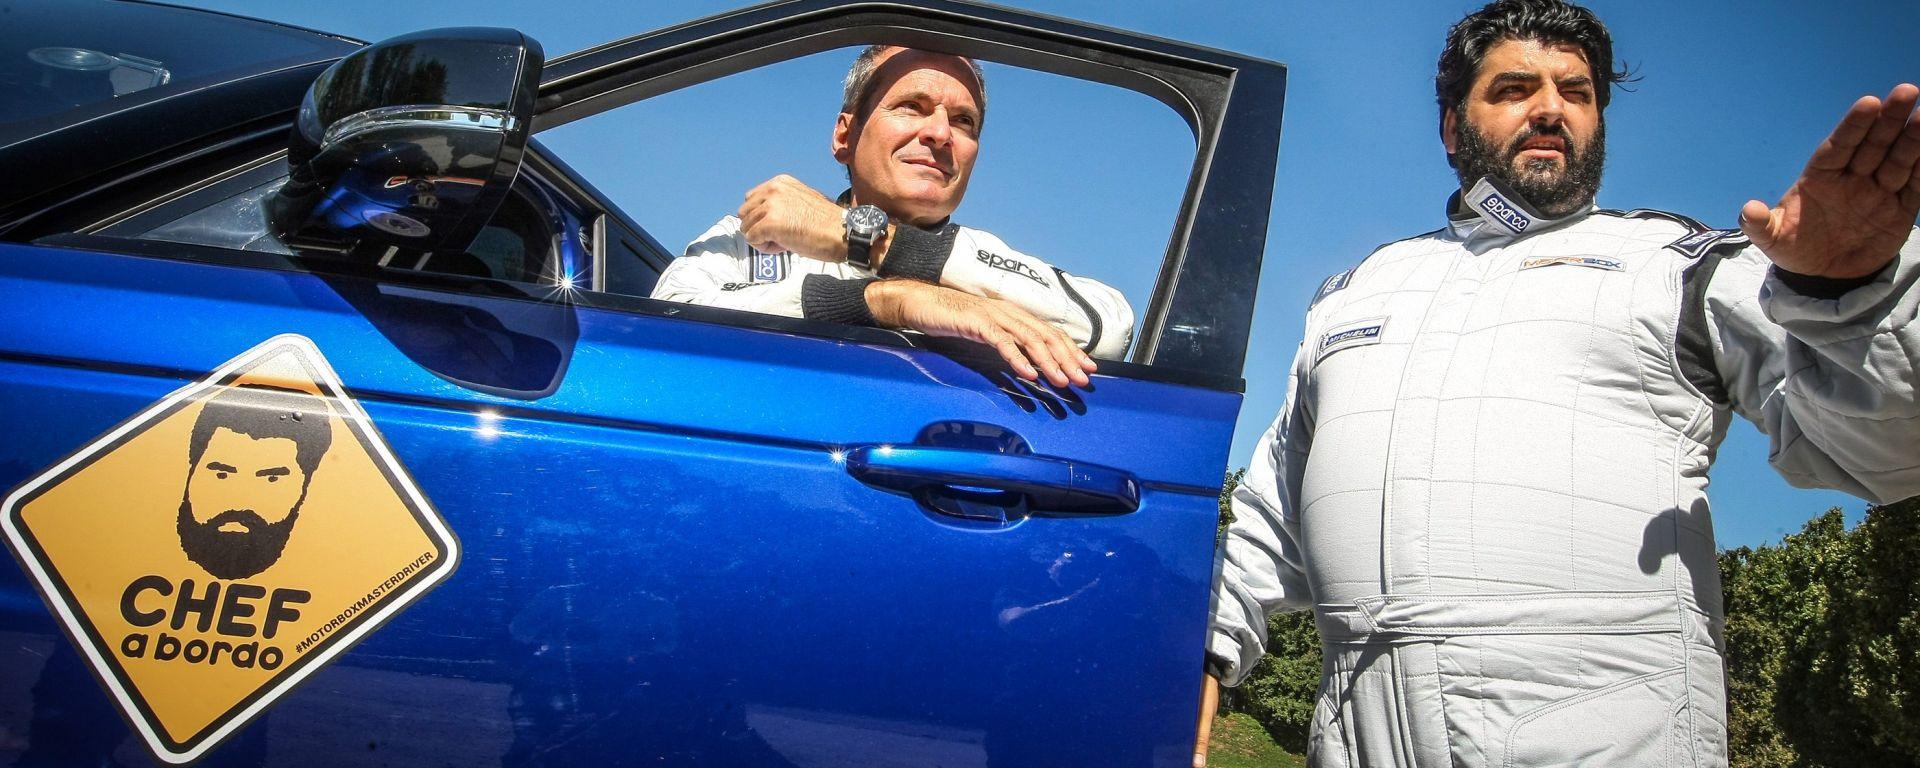 Antonino Cannavacciuolo in pista a Monza: il primo trailer